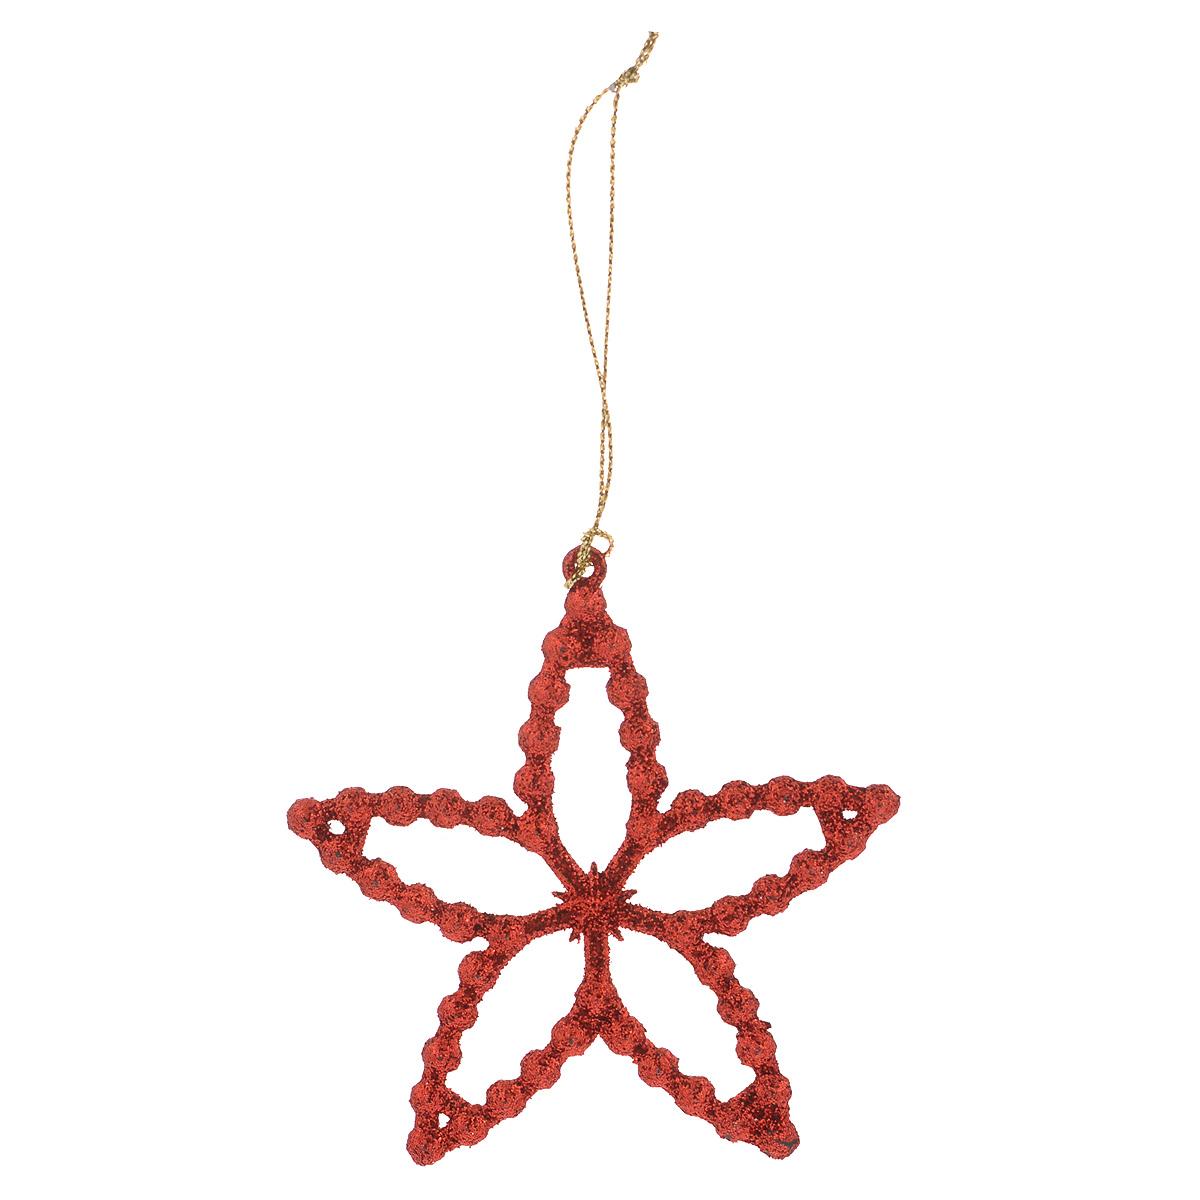 Новогоднее подвесное украшение Феникс-презент Звездочка, цвет: красный38735Новогоднее украшение Феникс-презент Звездочка отлично подойдет для декорации вашего дома и праздничной ели. Изделие выполнено из пластика в виде звезды, декорированной блестками, и оснащено текстильной петелькой для подвешивания. Елочная игрушка - символ Нового года. Она несет в себе волшебство и красоту праздника. Создайте в своем доме атмосферу веселья и радости, украшая всей семьей новогоднюю елку нарядными игрушками, которые будут из года в год накапливать теплоту воспоминаний.